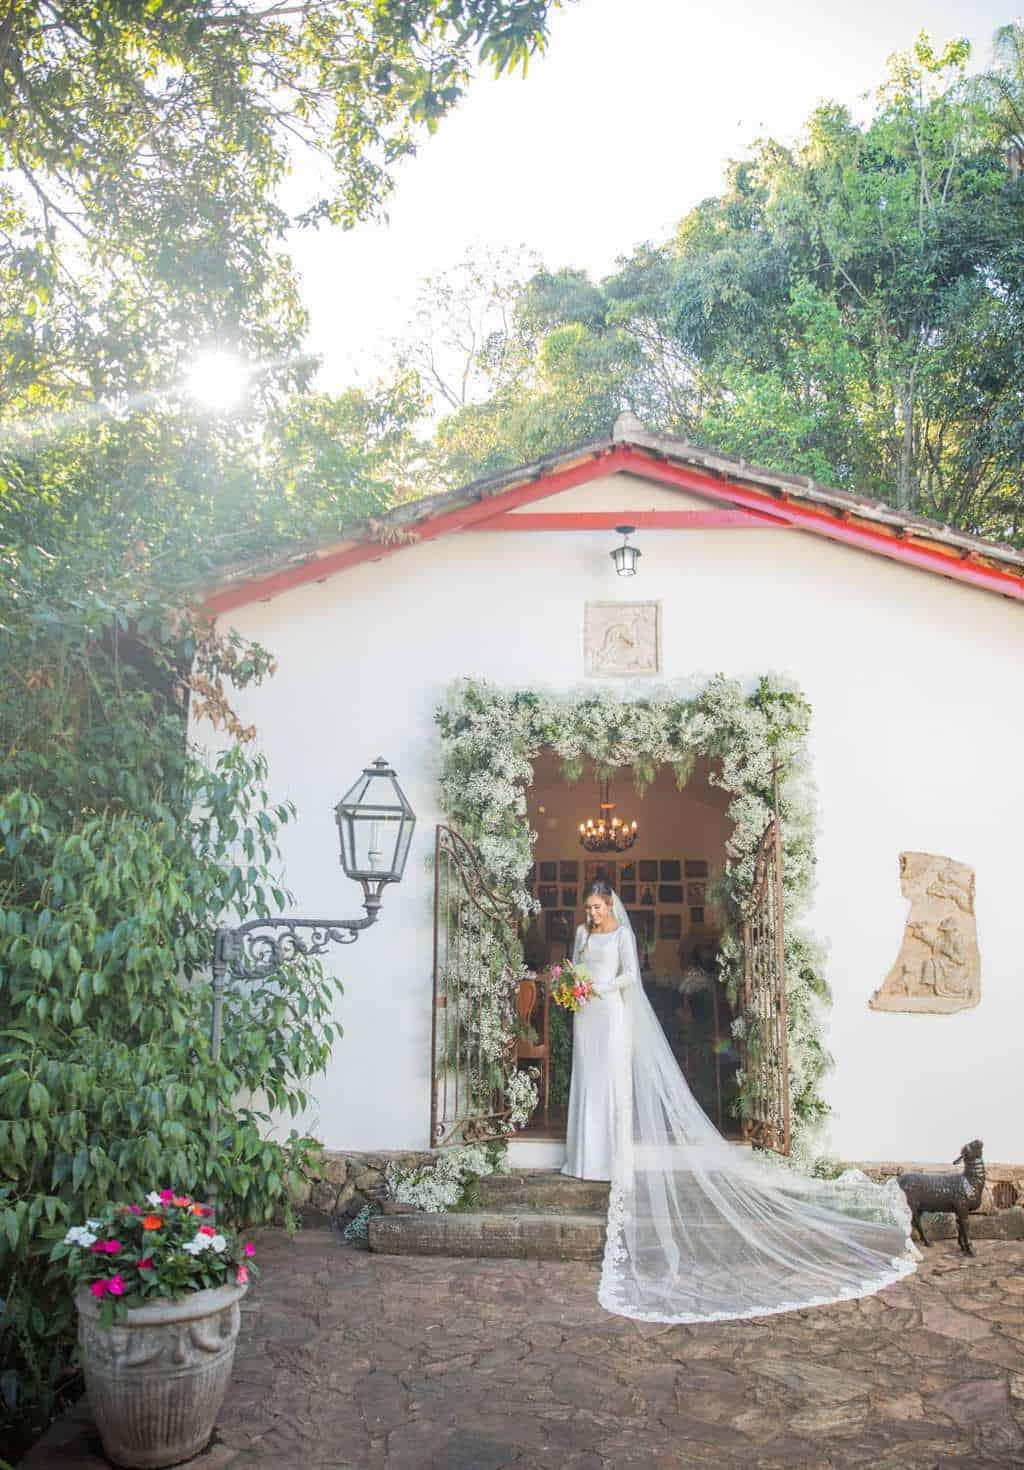 casamento-ao-ar-livre-Julia-e-Felipe-17